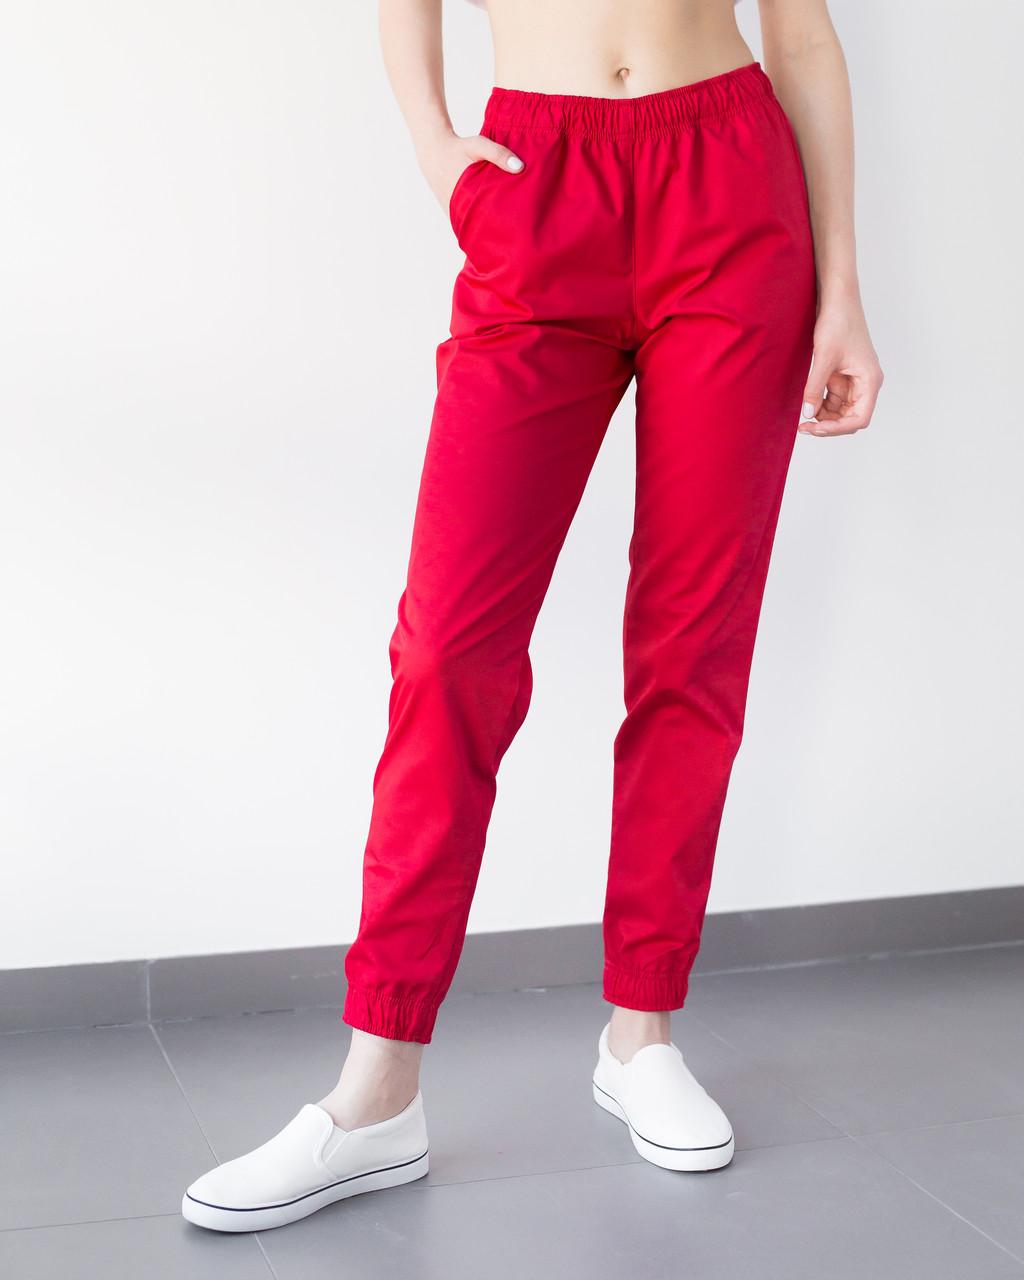 Медицинские женские джоггеры красные